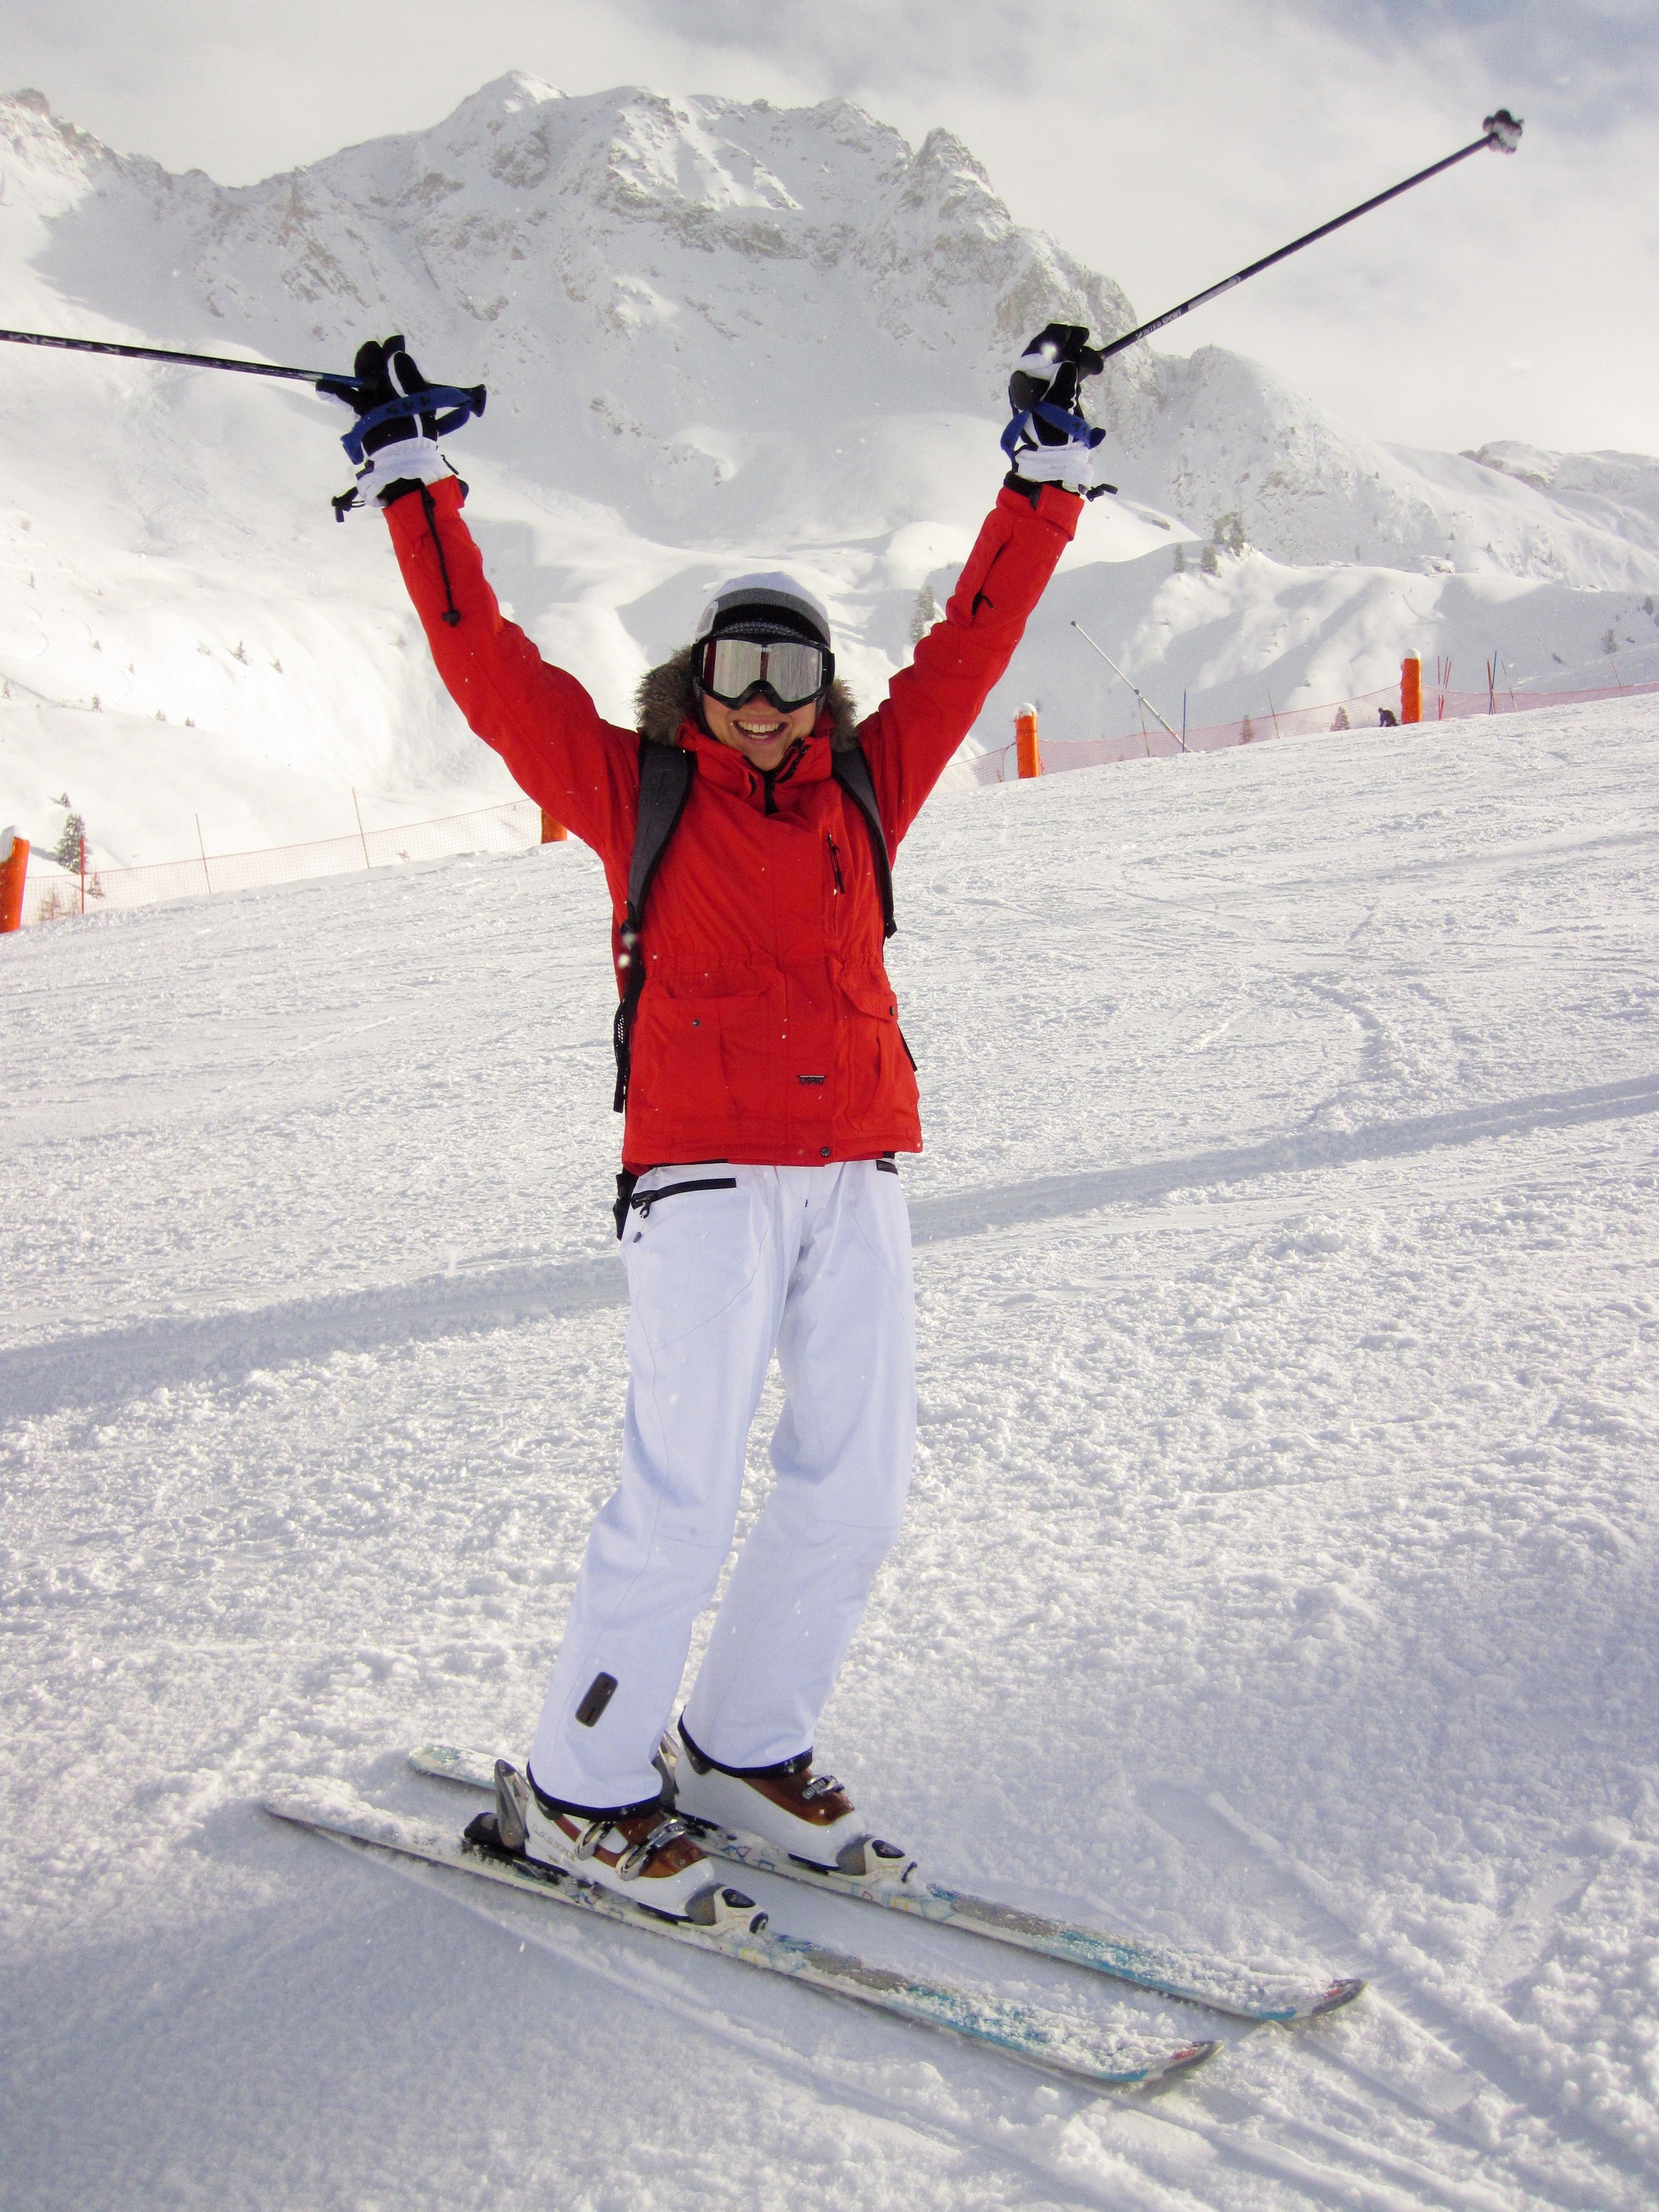 картинки с лыжницами выходе получается